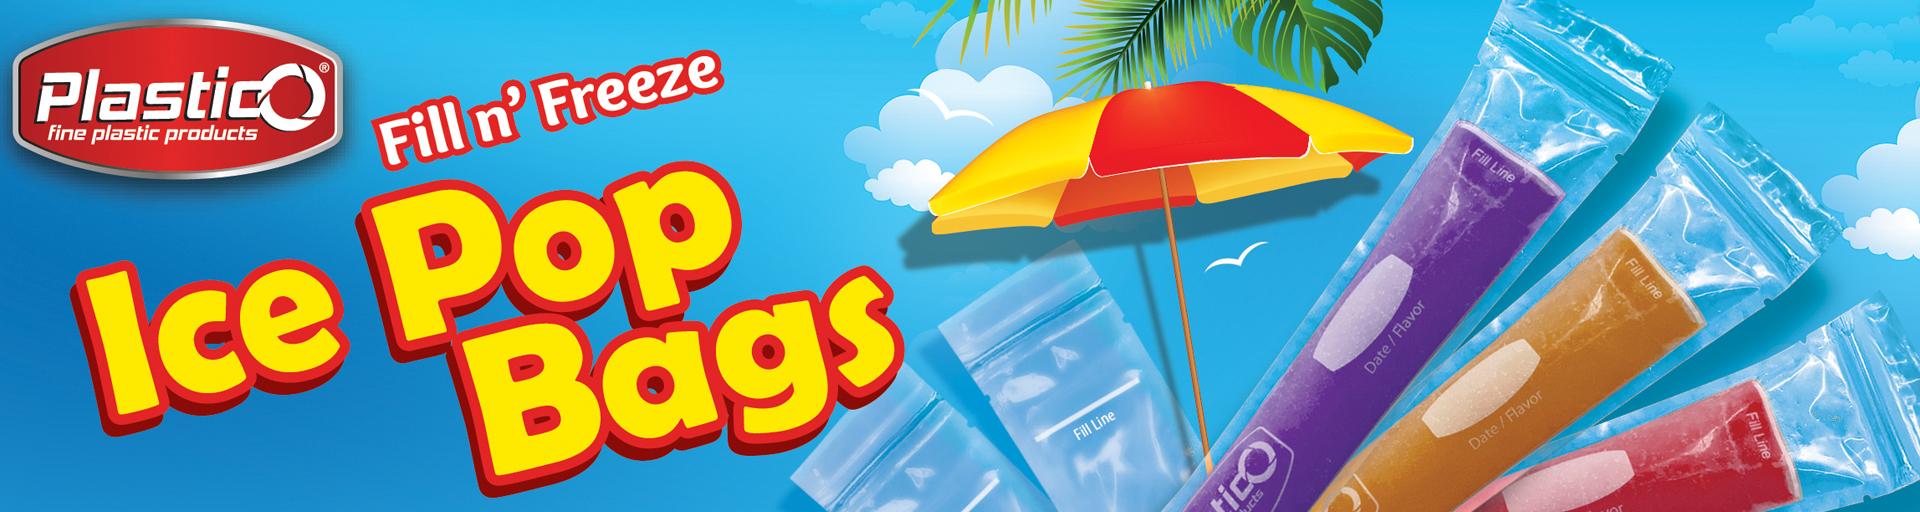 Plastico Ice Pop Bags